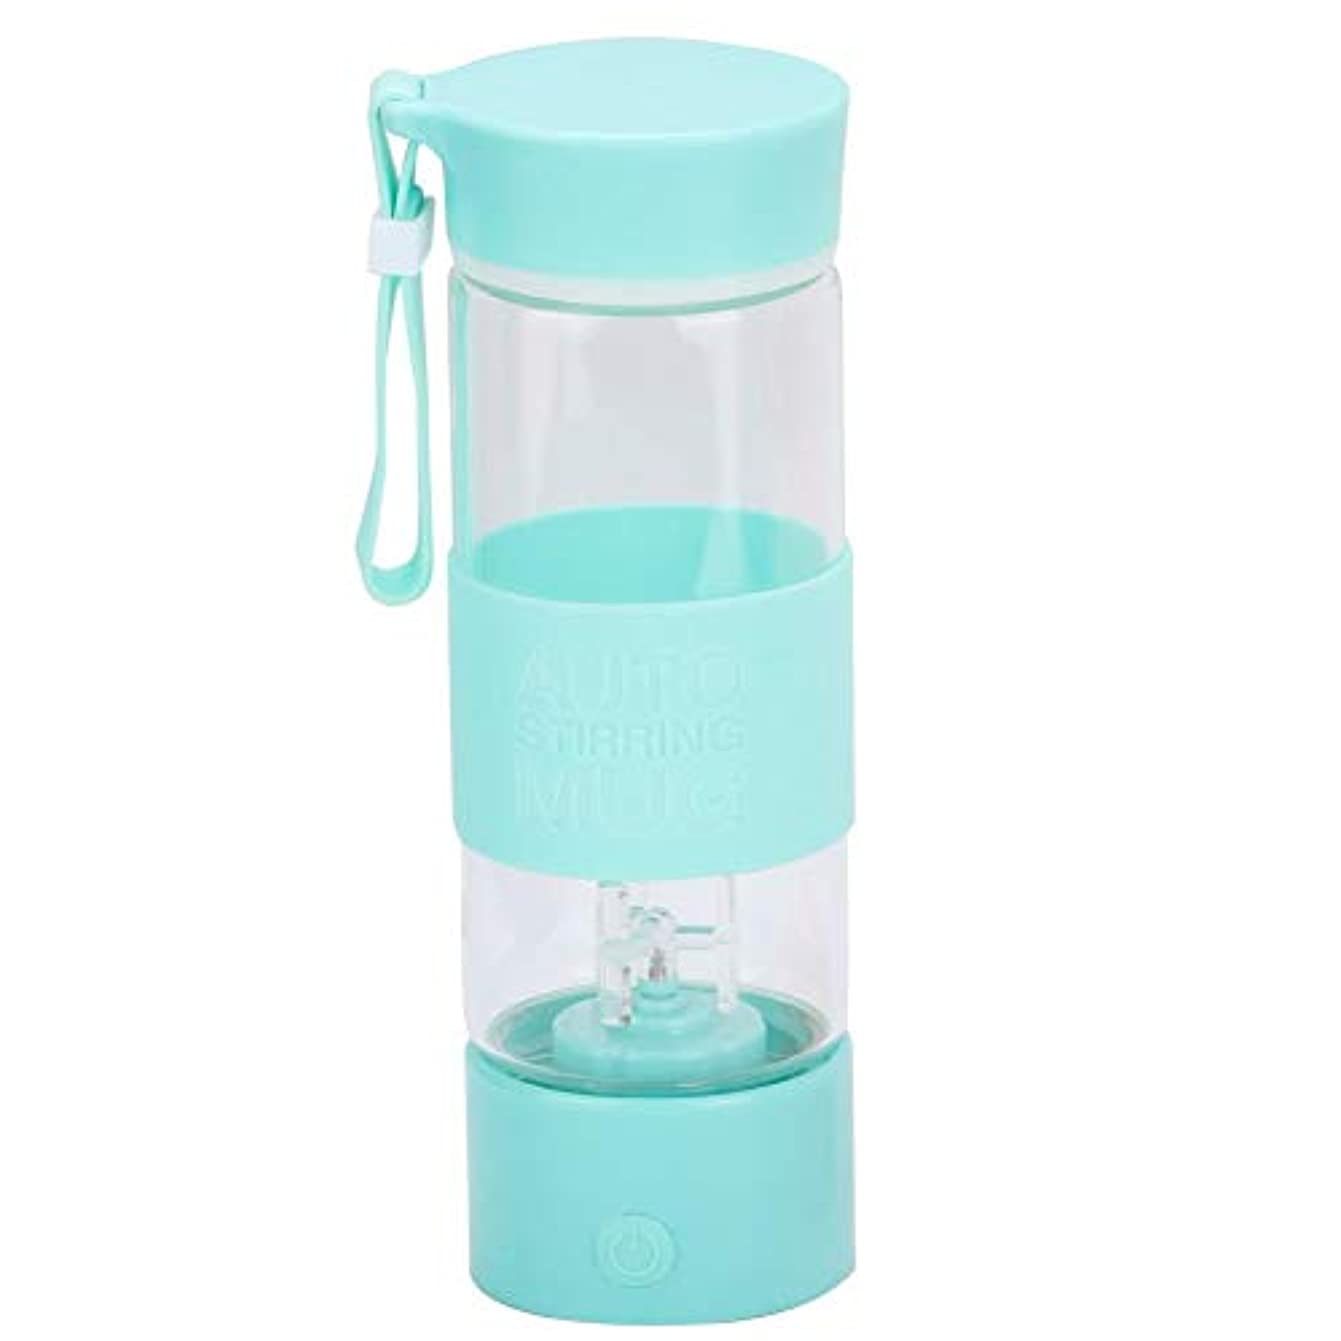 担保割合構造BlenderBottle、400ml電動自動混合コーヒー攪拌ボトル高ホウケイ酸ガラス断熱ボトル、ポータブルシリコンロープ付き(緑)